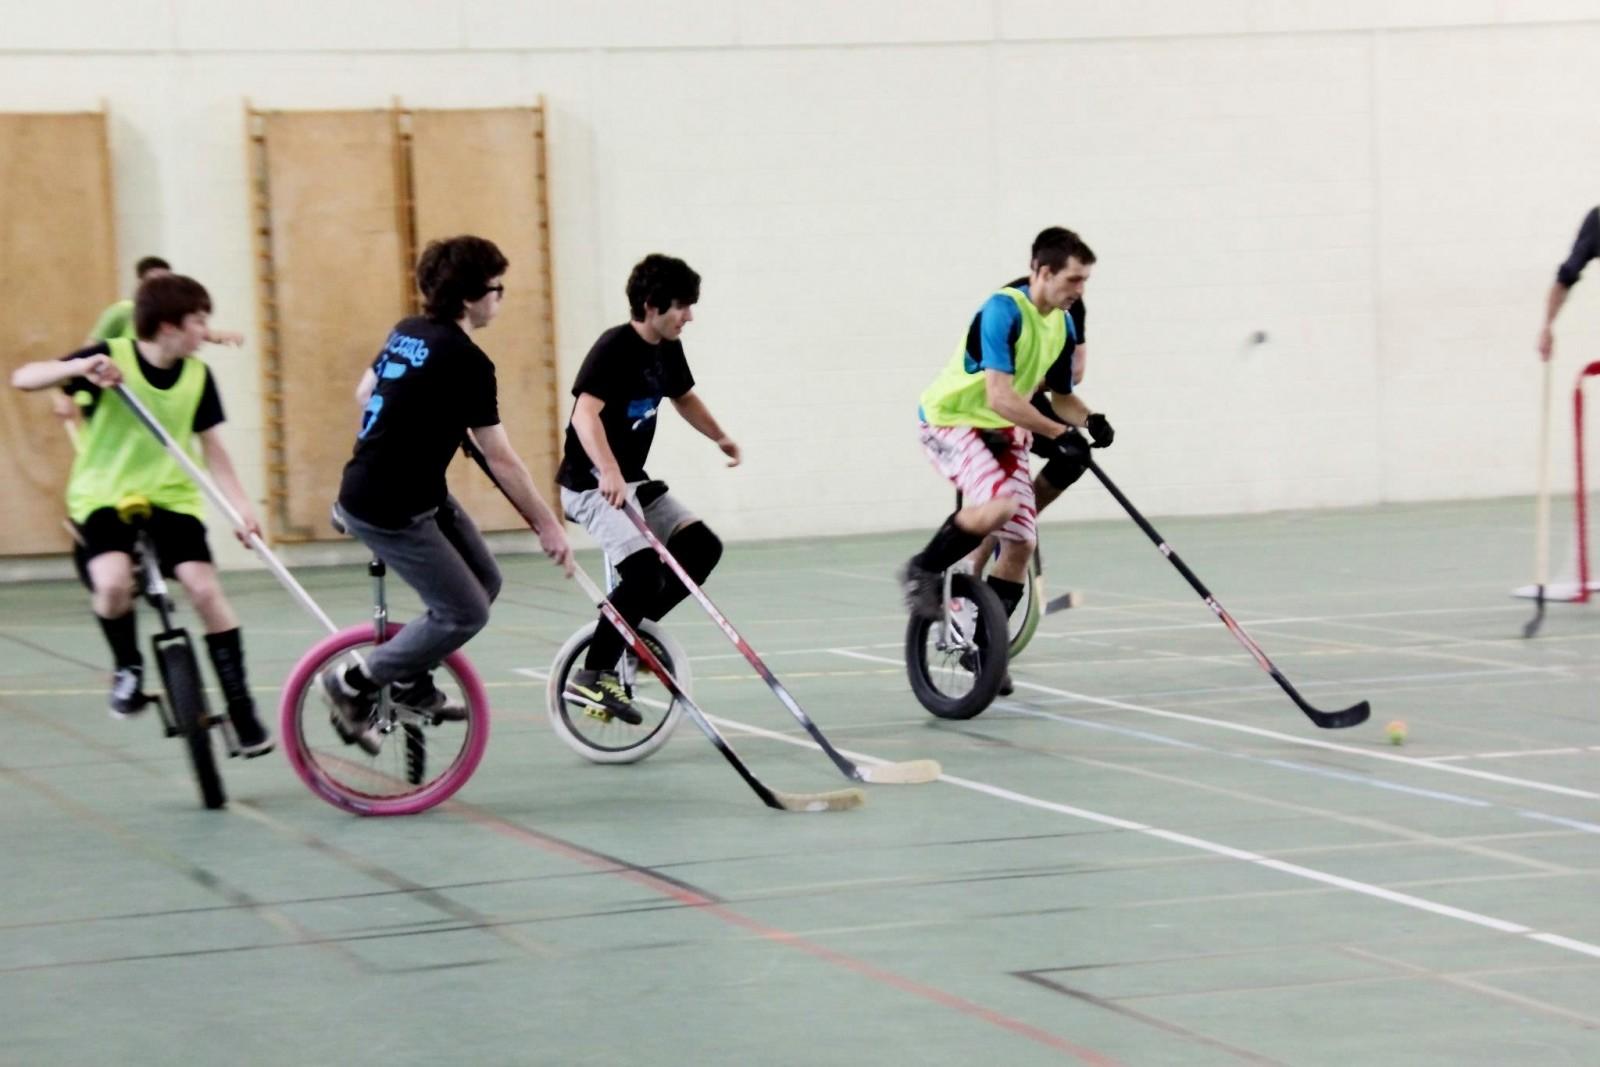 L'équipe de hockey sur monocycle de Monopoz ©DR